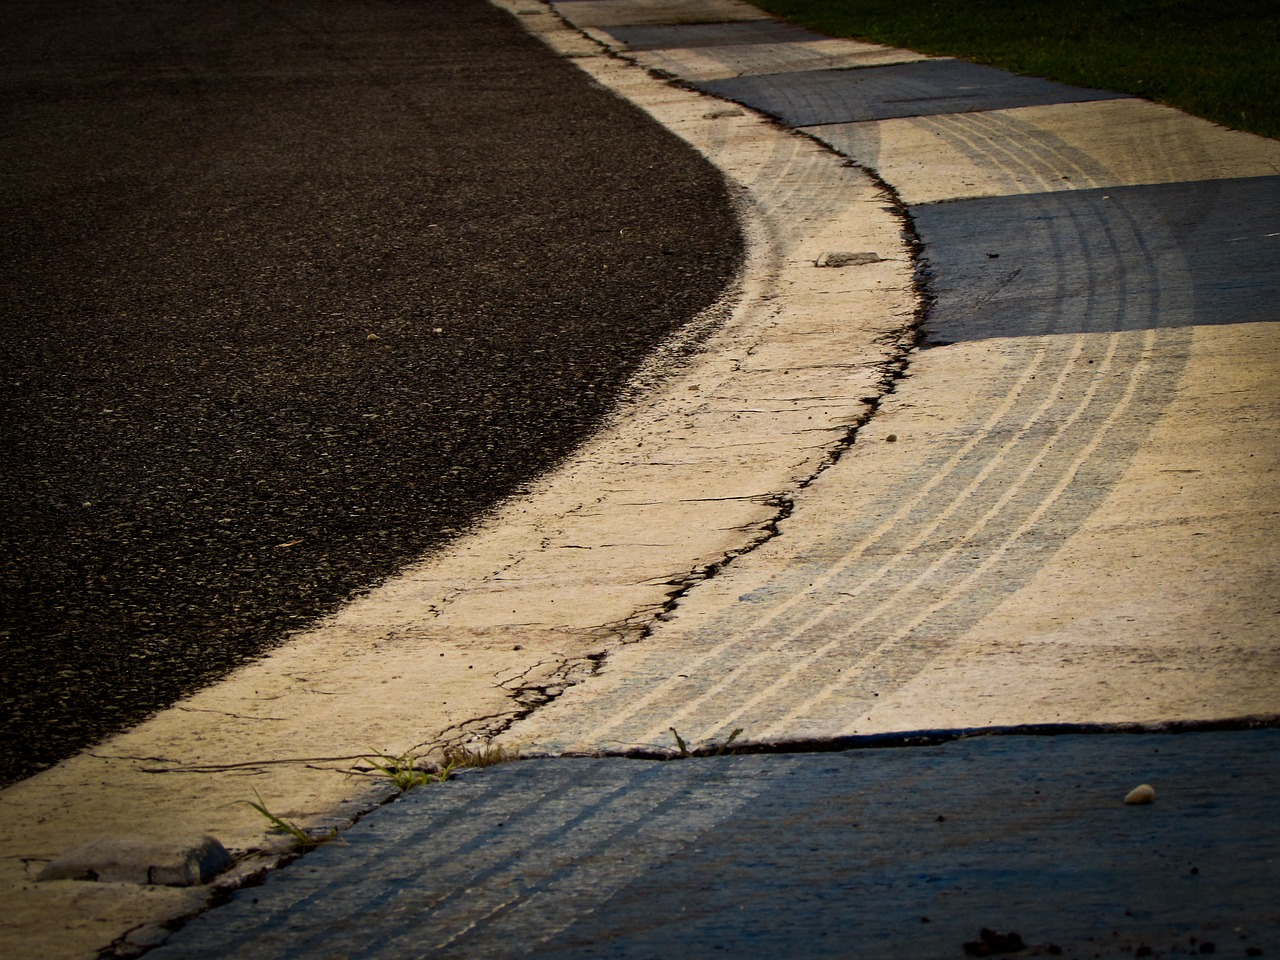 racetrack-794590_1280